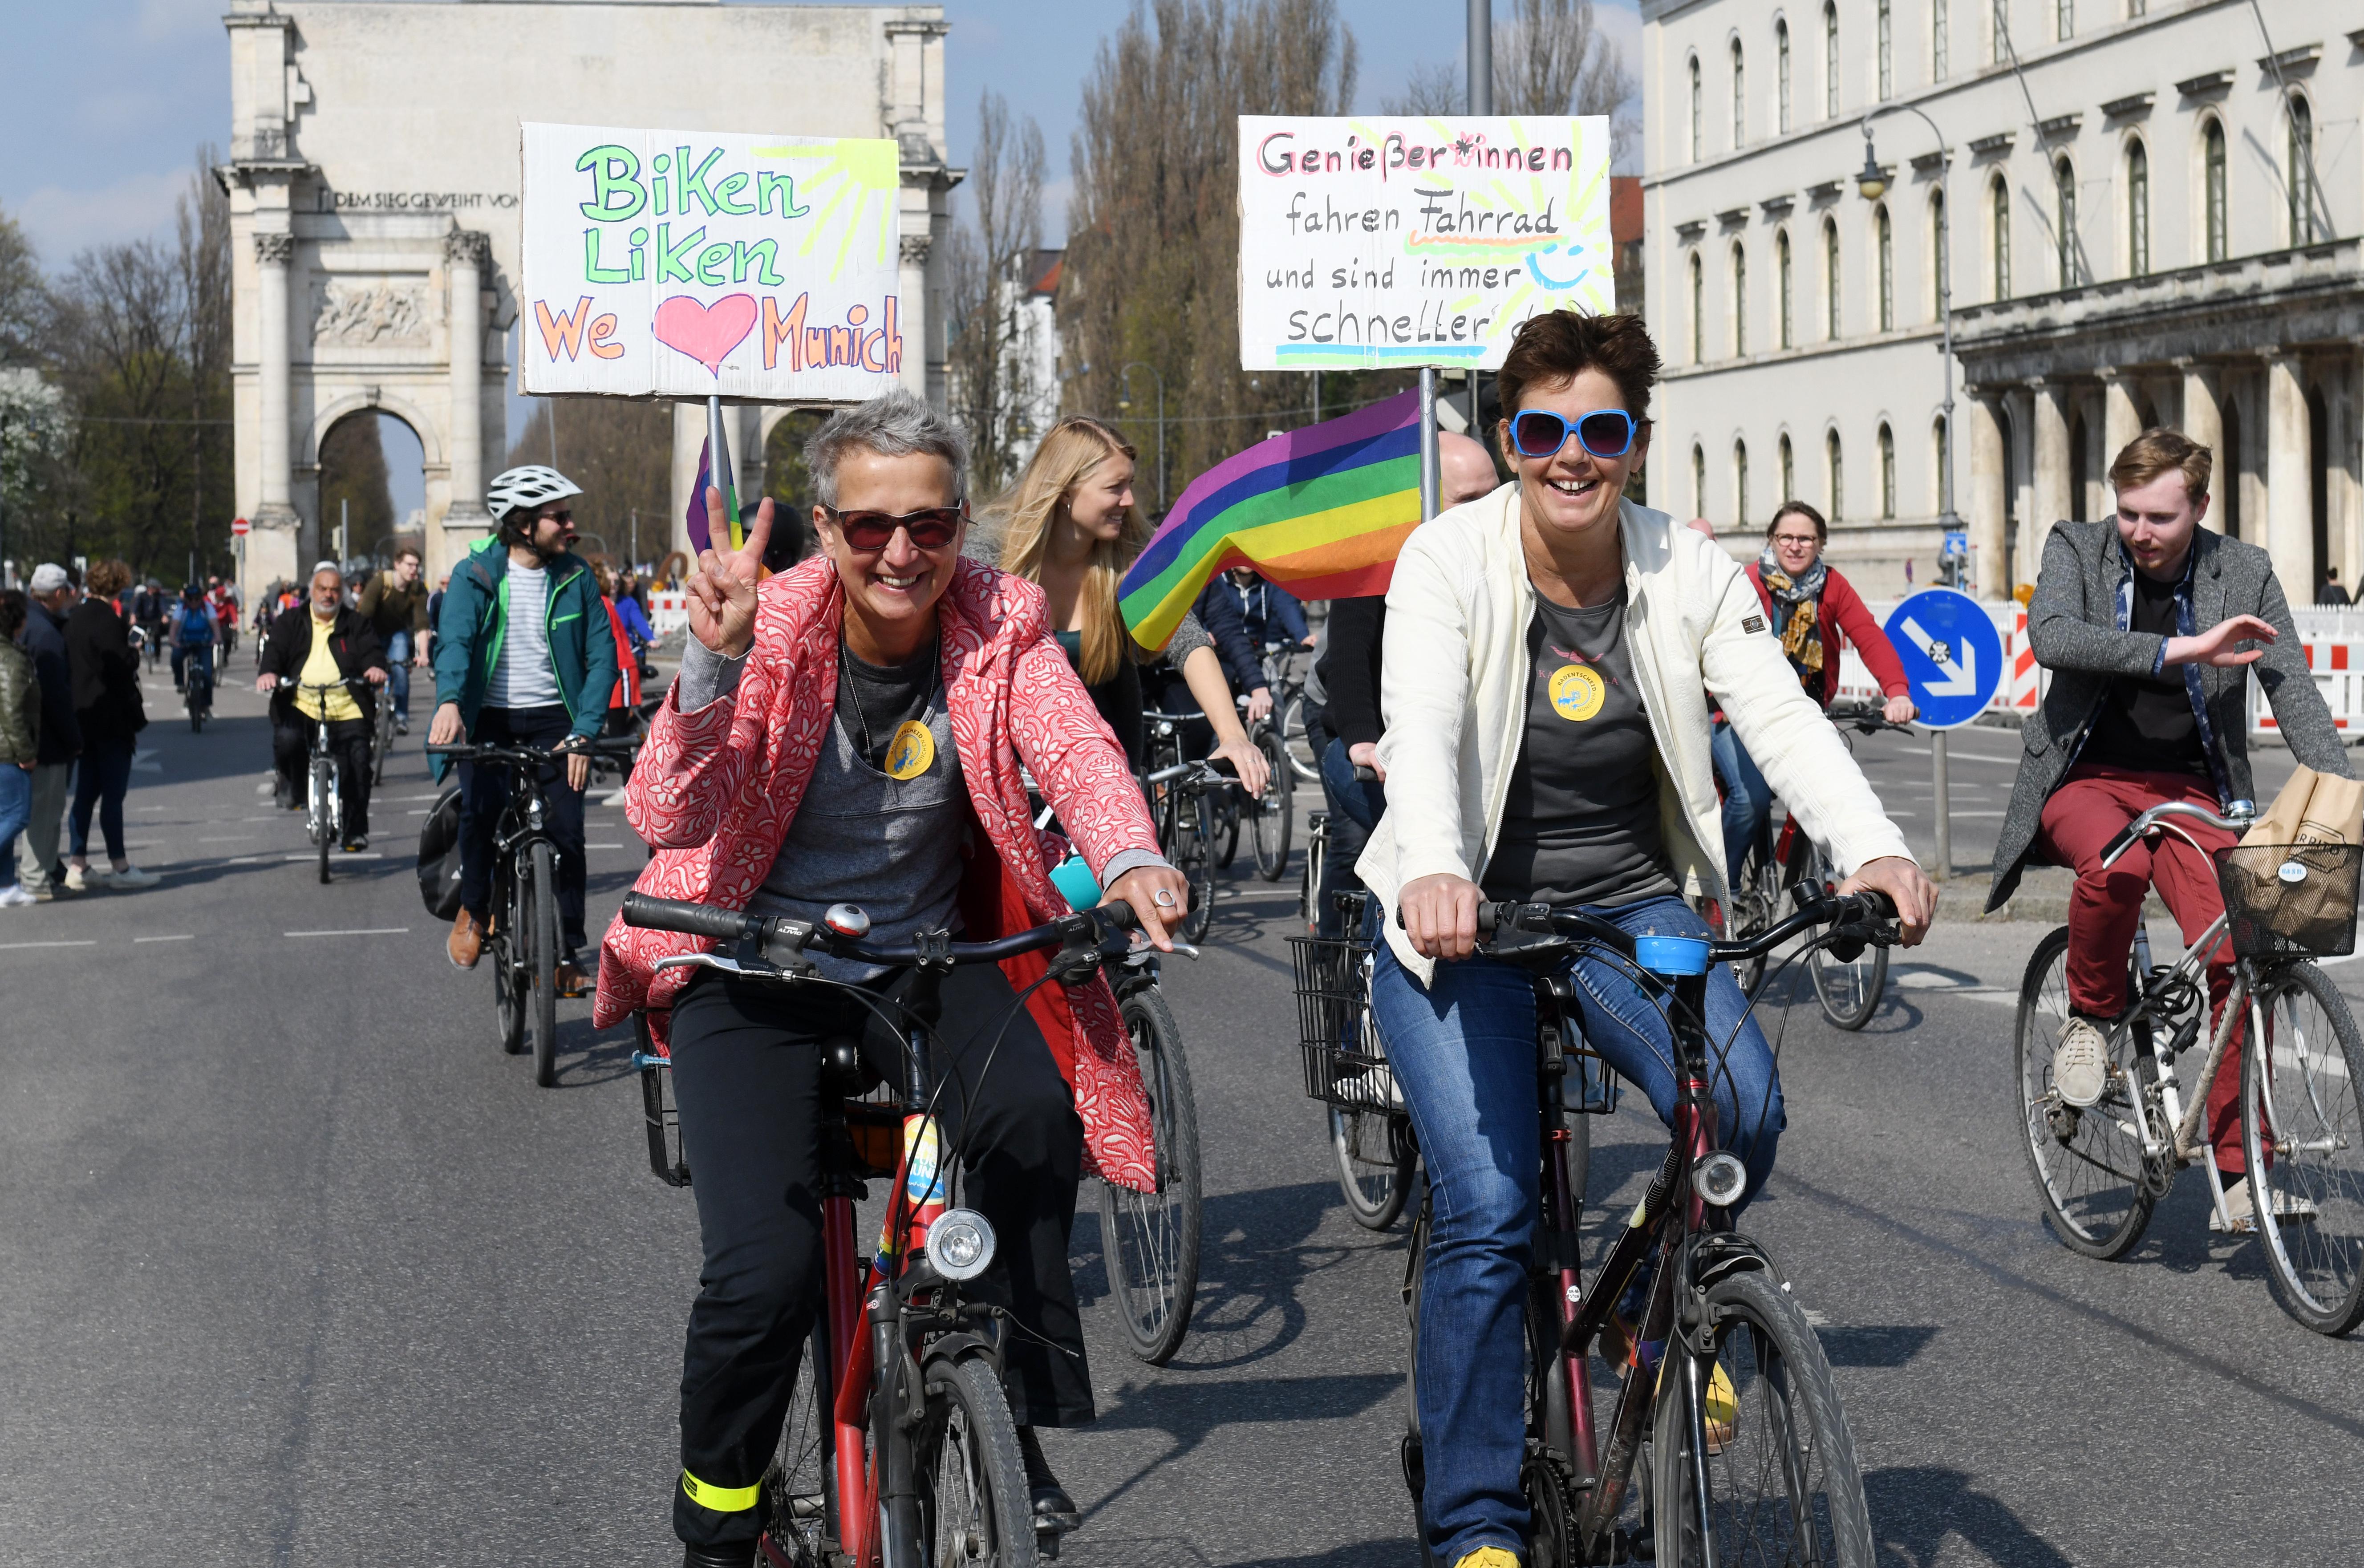 Radl Demo Auf Dem Altstadtring 1 Jahr Radl Ringen Mit Der Stadt Radentscheid Munchen